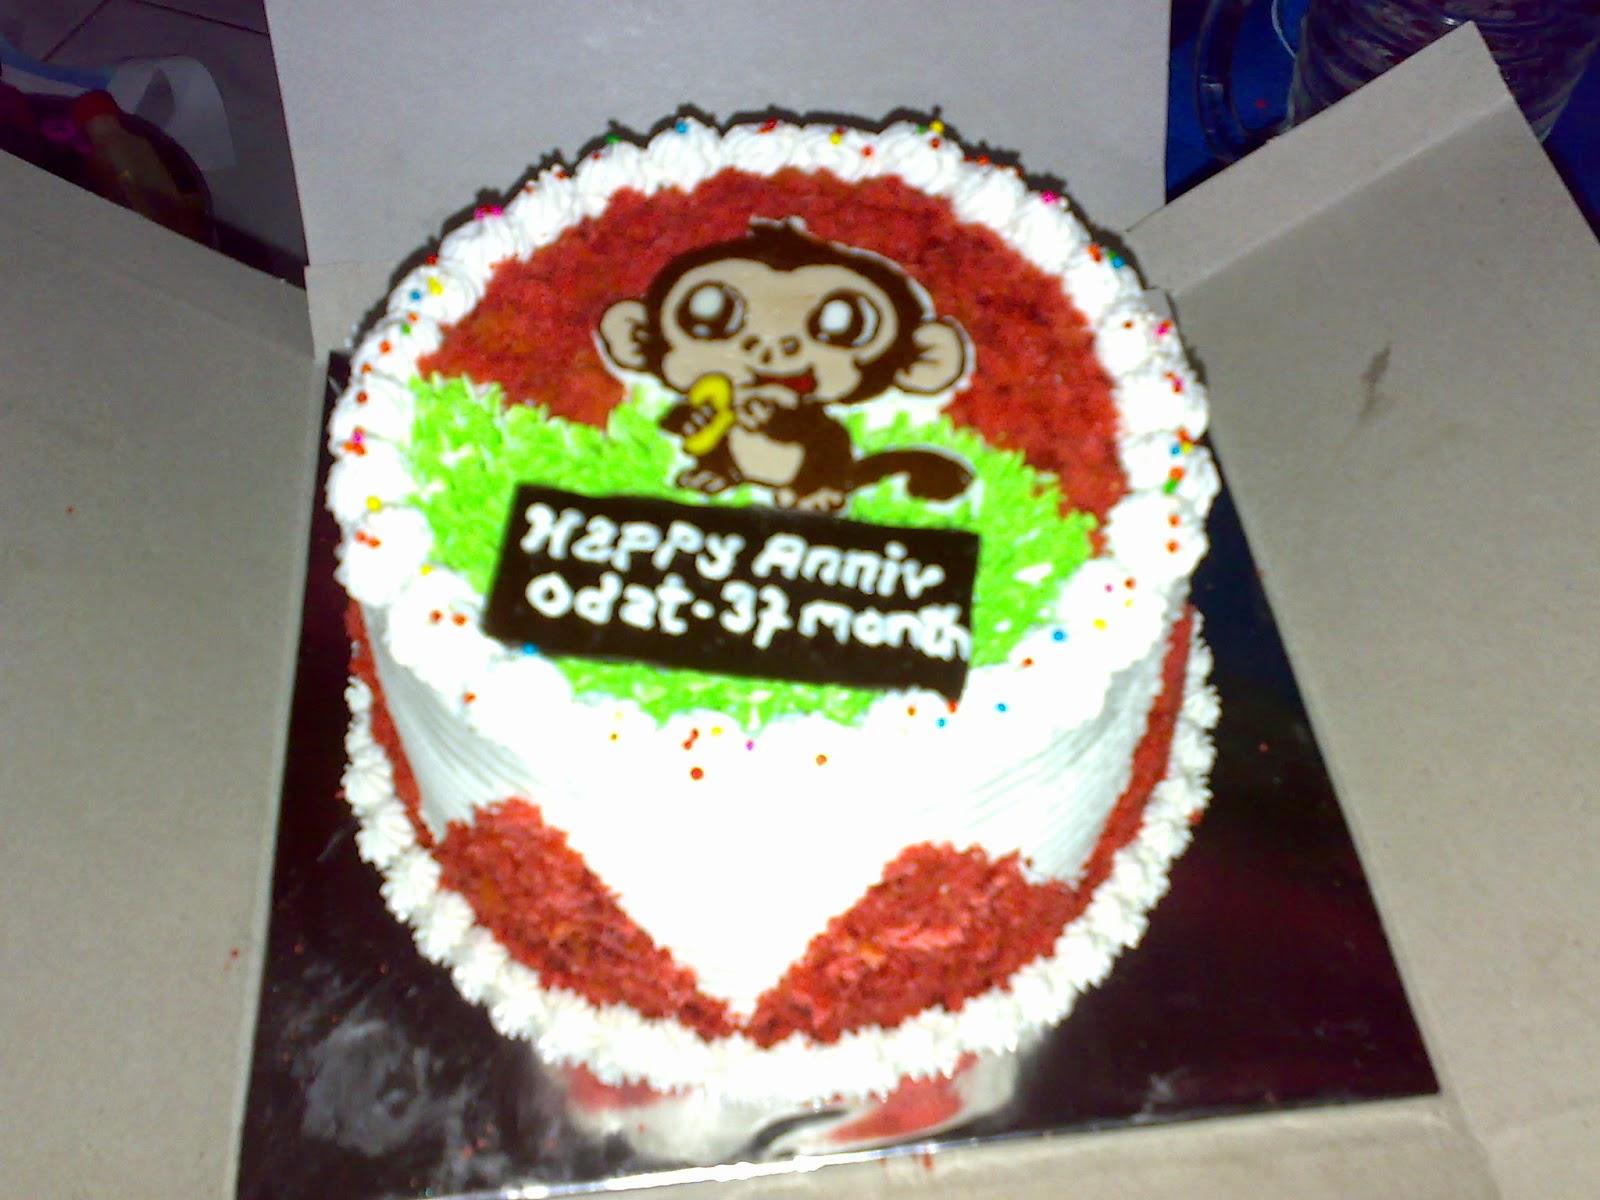 Cake red velvet di toko kue yasmin padang